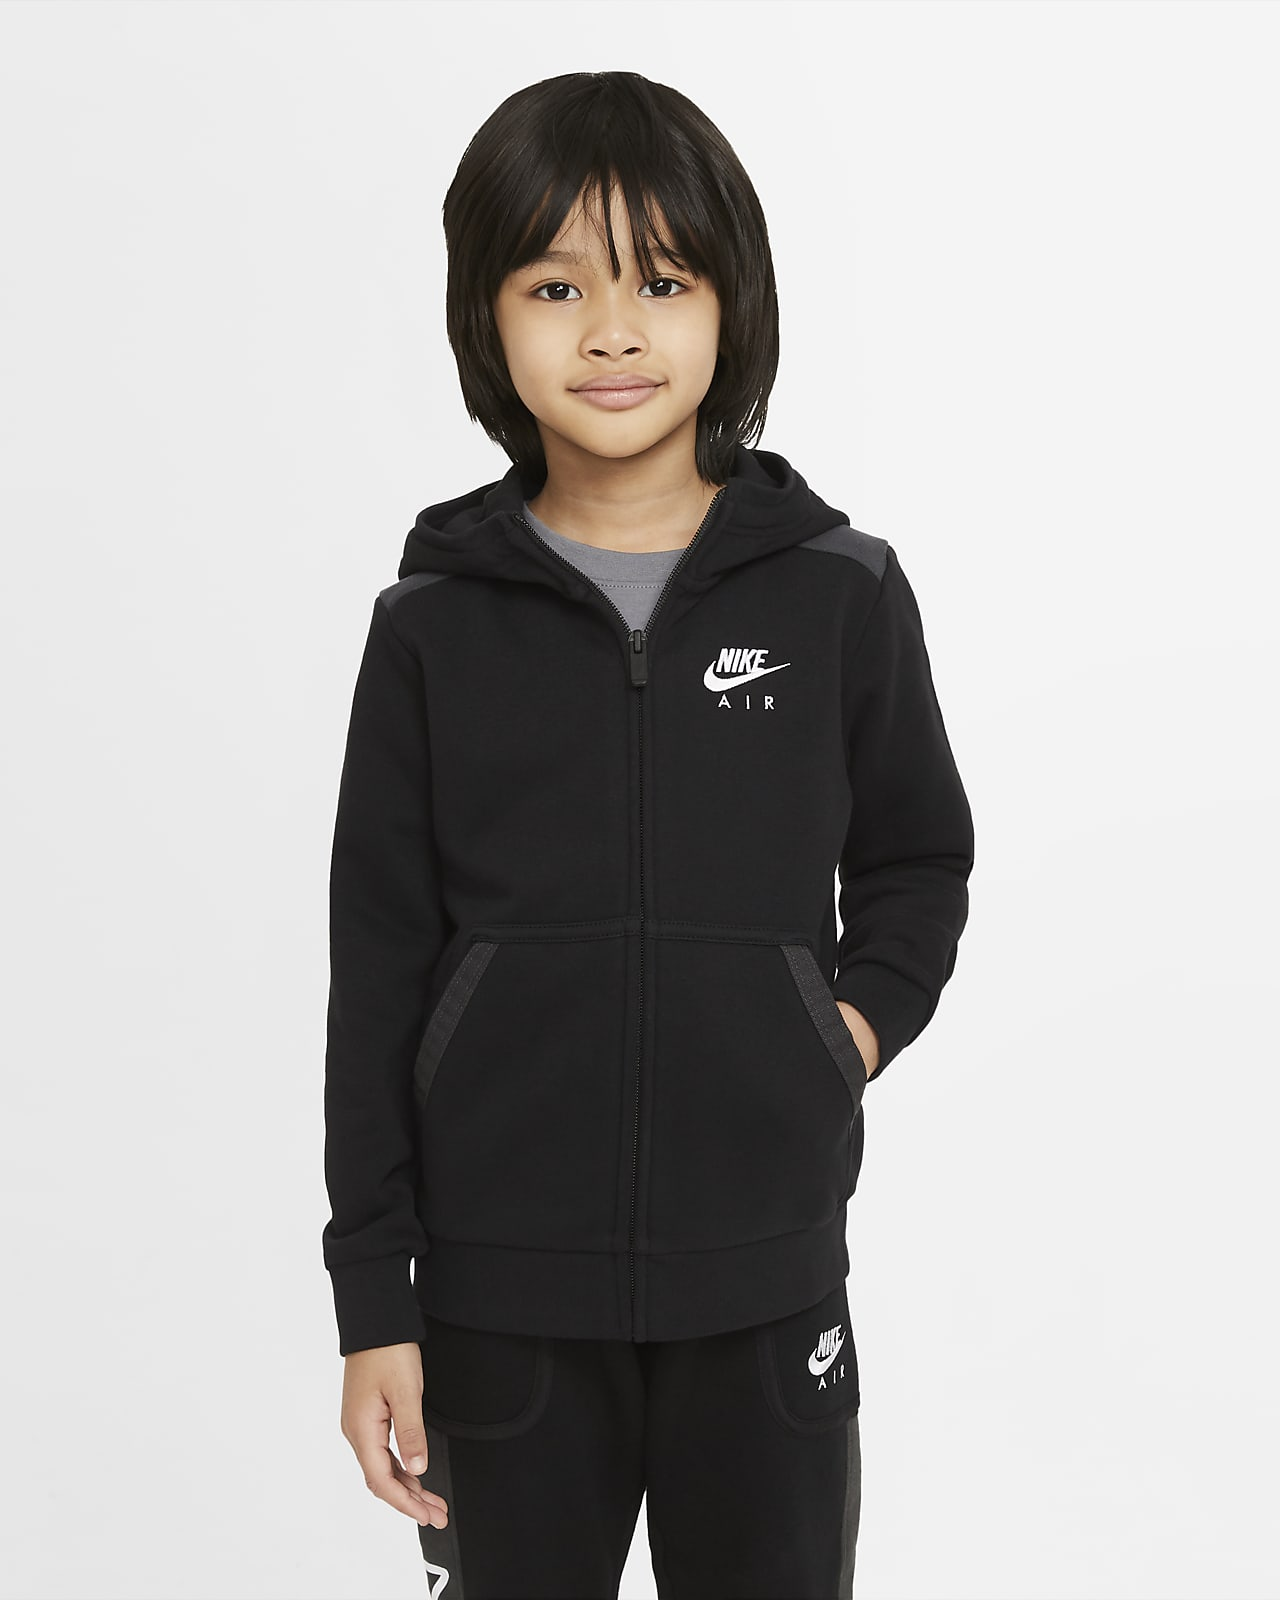 Nike Air 幼童全长拉链开襟连帽衫